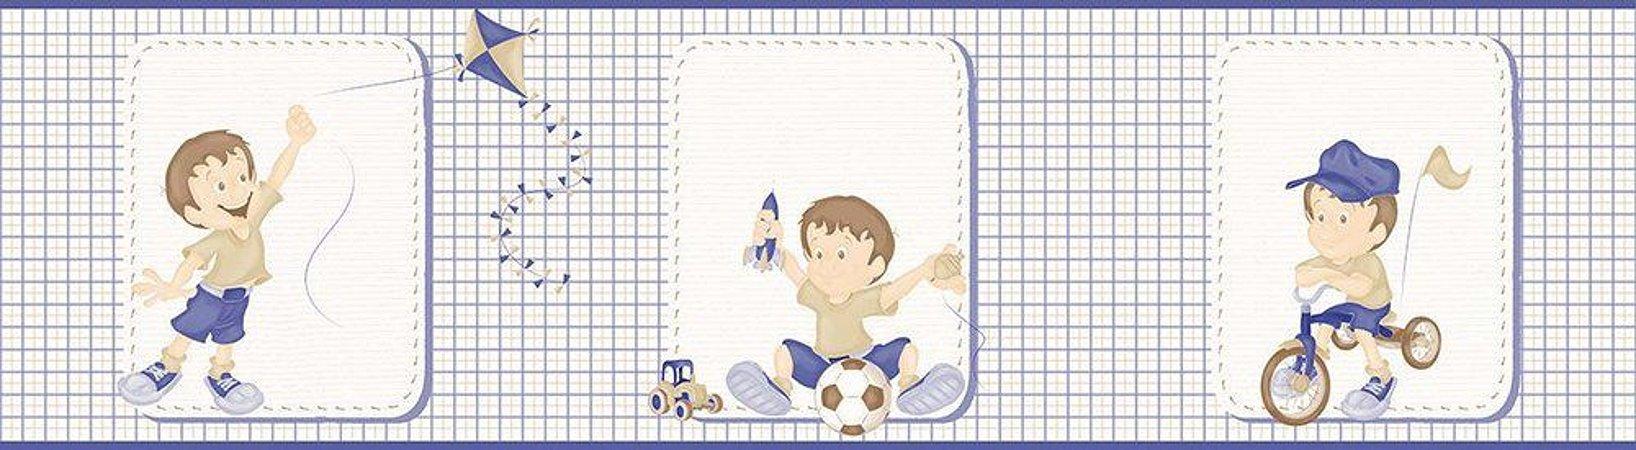 Faixa de Parede Menino Xadrez Azul e Bege Bobinex Bambinos 3203